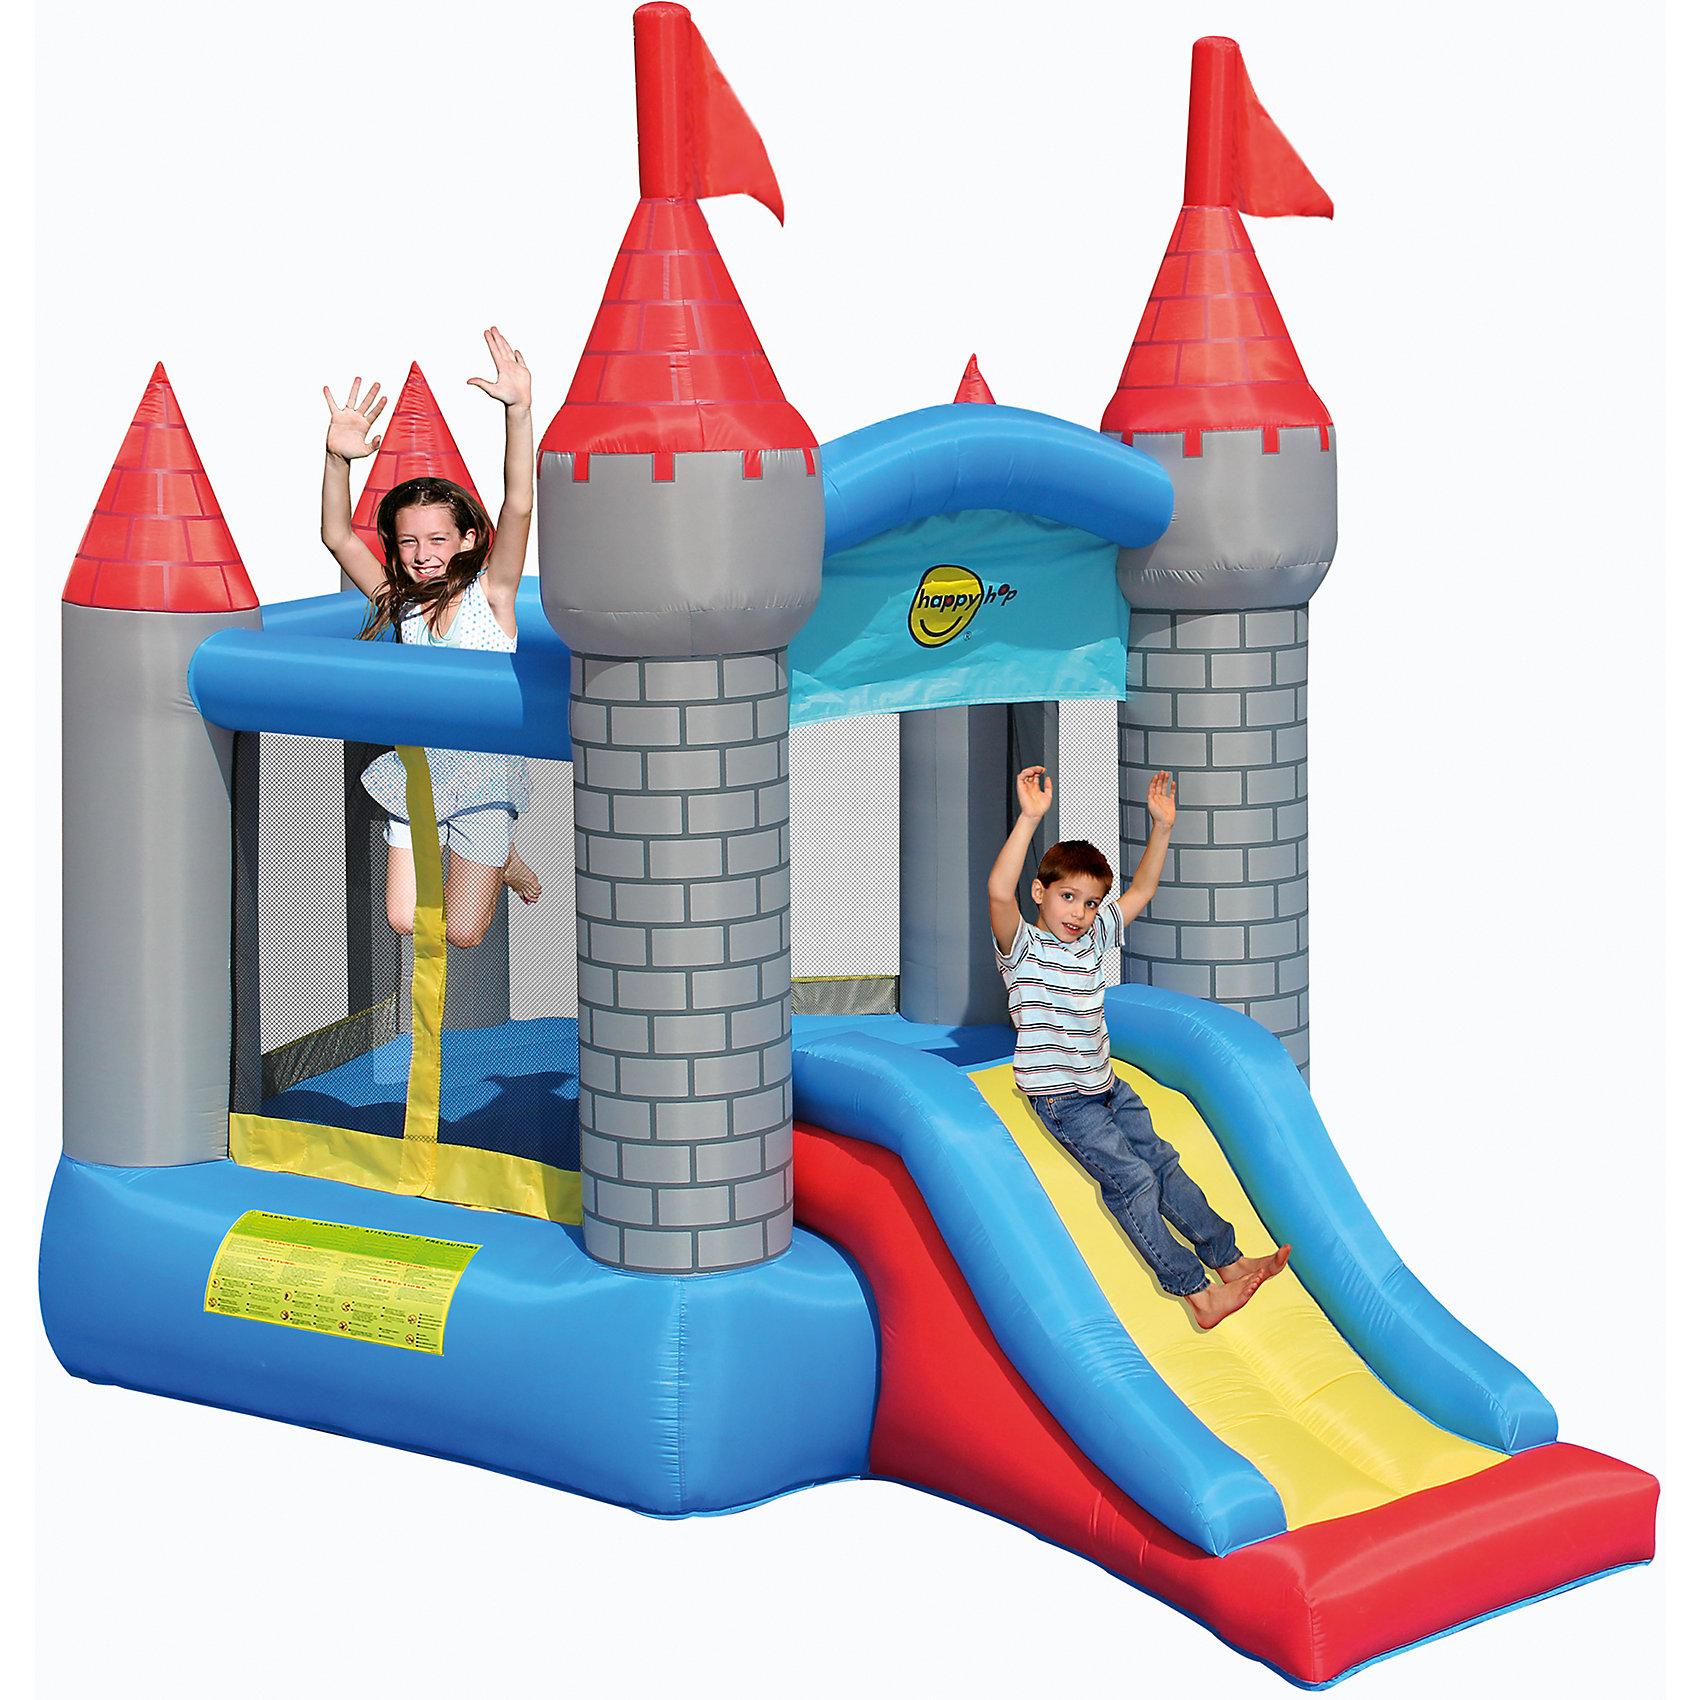 Надувной батут с горкой Крепость, Happy HopБатуты<br>Характеристики:<br><br>• возраст ребенка: от 3 до 10 лет;<br>• рост ребенка: 90-150 см;<br>• вес одного ребенка: до 45 кг;<br>• количество играющих одновременно детей: 3;<br>• максимальный вес: 113 кг (при этом вес каждого ребенка не должен превышать показатели: если играют двое детей - 45 кг, если играют трое детей - 38 кг).<br><br>Размеры:<br><br>• размер игрового комплекса: 375х275х275 см;<br>• размер батута: 269х258 см;<br>• высота основания батута: 45 см;<br>• высота прыжковой поверхности: 212х196 см;<br>• размер горки: 113х86 см;<br>• высота площадки горки: 67 см;<br>• ширина скользящей поверхности: 56 см;<br>• высота защитной сетки-ограждения: 90 см;<br>• прочность батута на растяжение: до 136 кг;<br>• прочность на разрыв: до 13,6 кг;<br>• прочность на соединение: до 27,2 кг;<br>• диапазон температур для батута: от -10 до +40 градусов;<br>• диапазон температур для насоса: от -15 до +40 градусов;<br>• размер упаковки: 38х38х60 см;<br>• вес в упаковке: 17 кг.<br><br>Дополнительная информация:<br><br>• материал: ламинированный ПВХ, ламинированная ткань Оксфорд;<br>• плотность: ПВХ 360 г/м2, ткани Оксфорд 215 г/м2;<br>• материал застежек: лавсан;<br>• крепеж к земле: пластик;<br>• технология изготовления продукции: машинное сшивание путем соединения тканей ПВХ и Оксфорд.<br><br>Меры предосторожности:<br><br>• использование: установка на открытом воздухе;<br>• только для бытового применения;<br>• при установке батута, изделие обязательно следует крепить пластиковыми кольями к земле.<br><br>Рекомендации от производителя: в течение всего времени использования продукции HAPPY HOP необходимо поддерживать подачу воздуха и обеспечивать непрерывную работу насоса. <br><br>Надувной батут с горкой Крепость, Happy Hop можно купить в нашем интернет-магазине.<br><br>Ширина мм: 670<br>Глубина мм: 320<br>Высота мм: 370<br>Вес г: 17000<br>Возраст от месяцев: 36<br>Возраст до месяцев: 120<br>Пол: Унисекс<br>Возраст: Детский<br>S